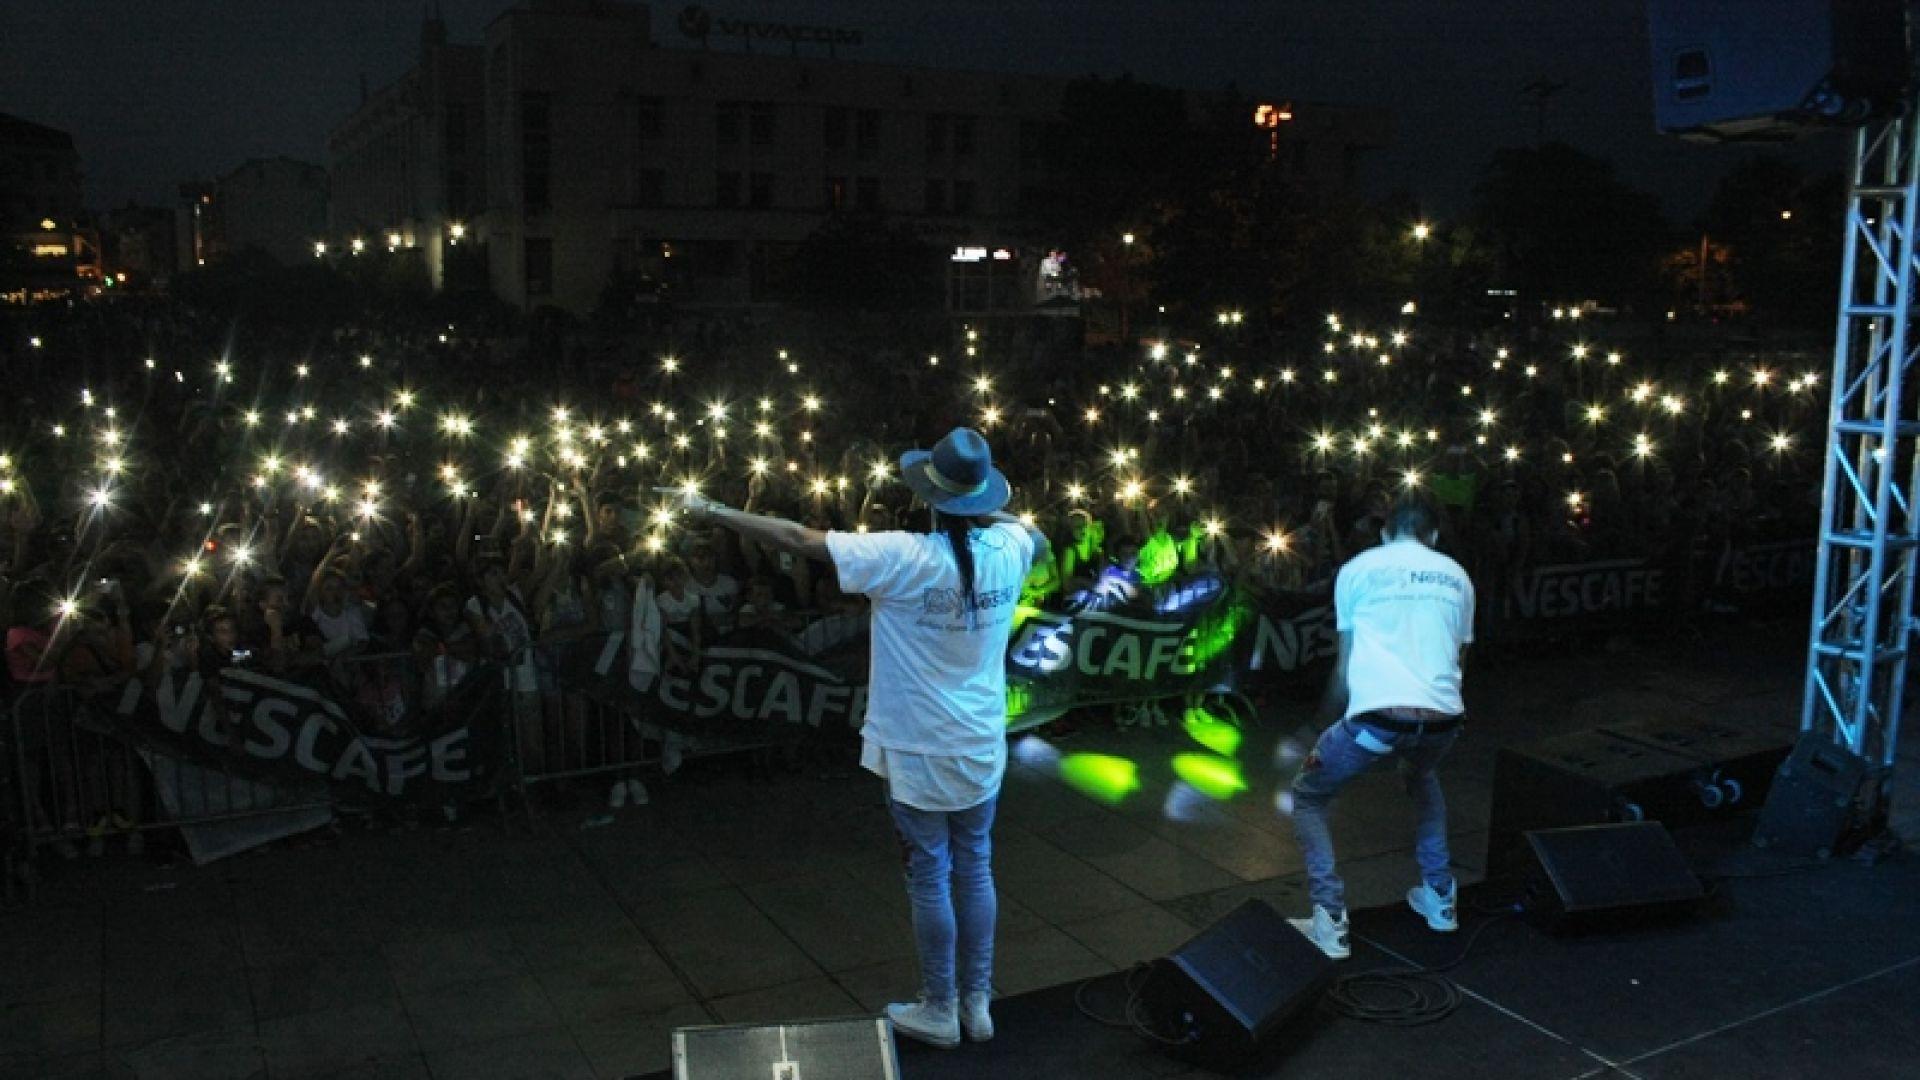 Нестле за Живей Активно! София 2019 ще завърши с концерт на Pavell & Venci Venc', DARA, Ballan и Играта